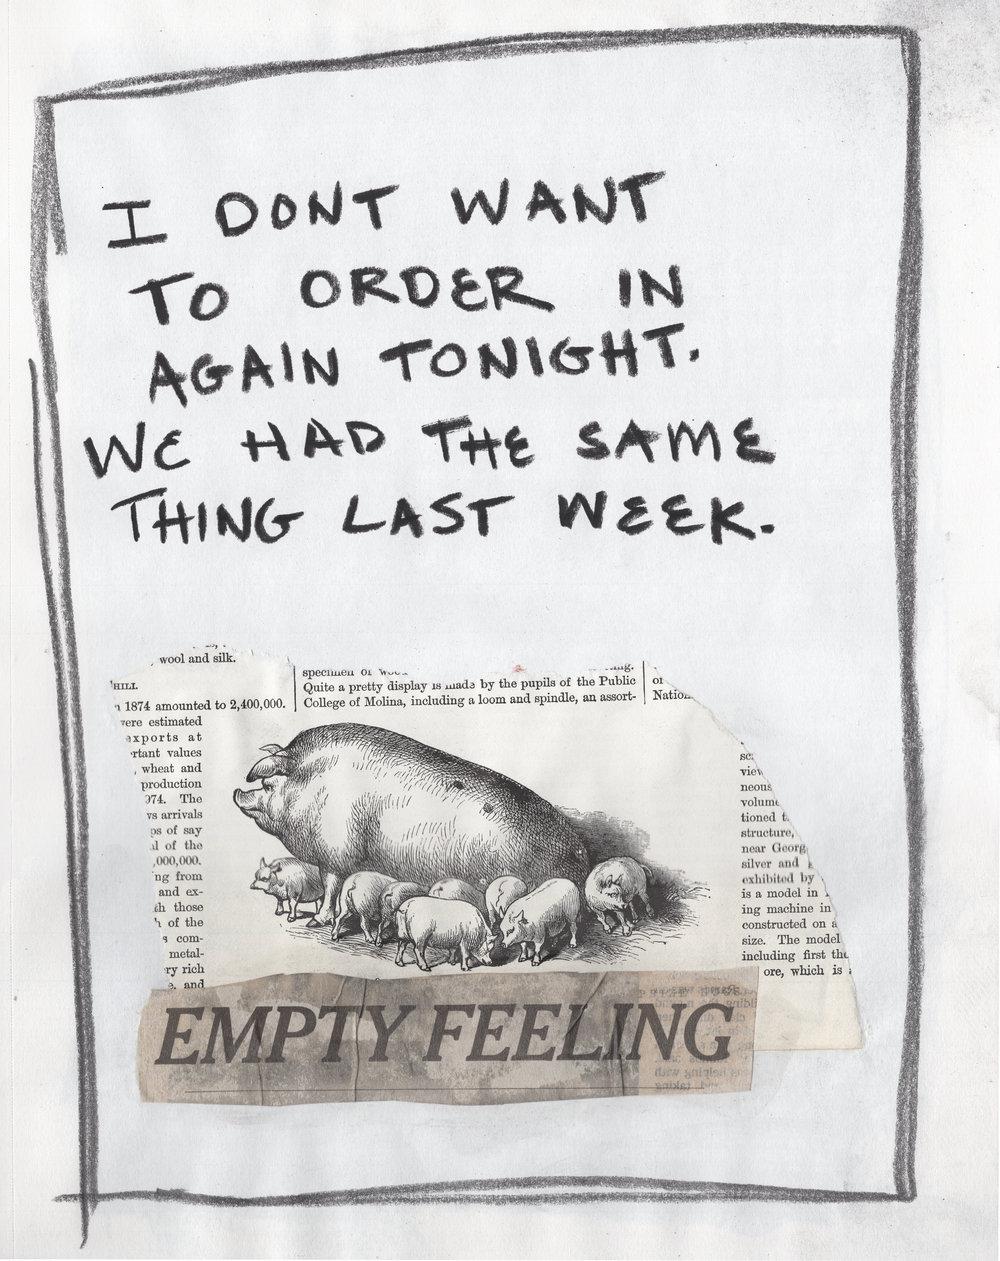 Empty Feeling